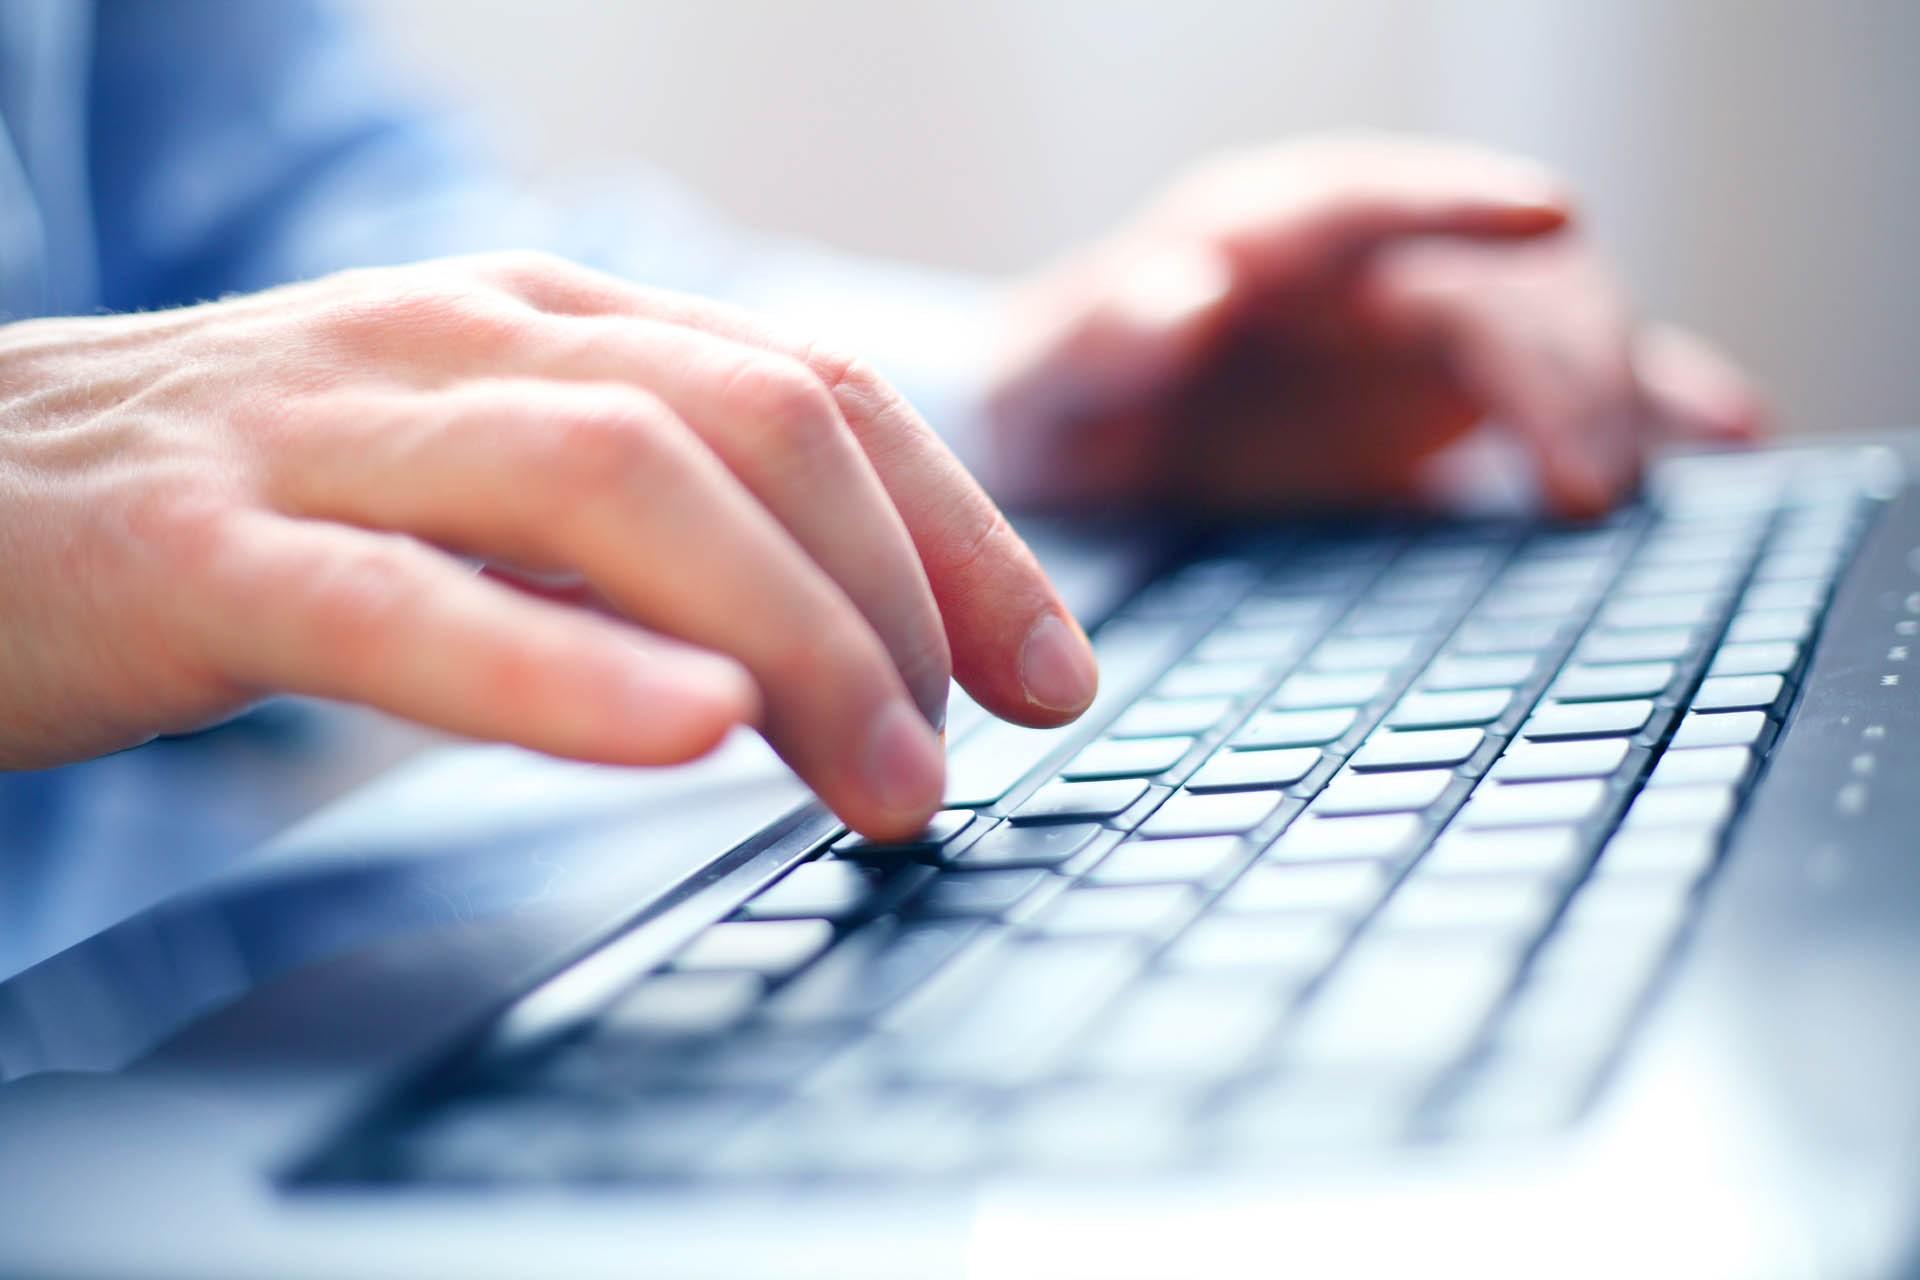 Concurso CREF – como se inscrever, dicas de estudo e muito mais